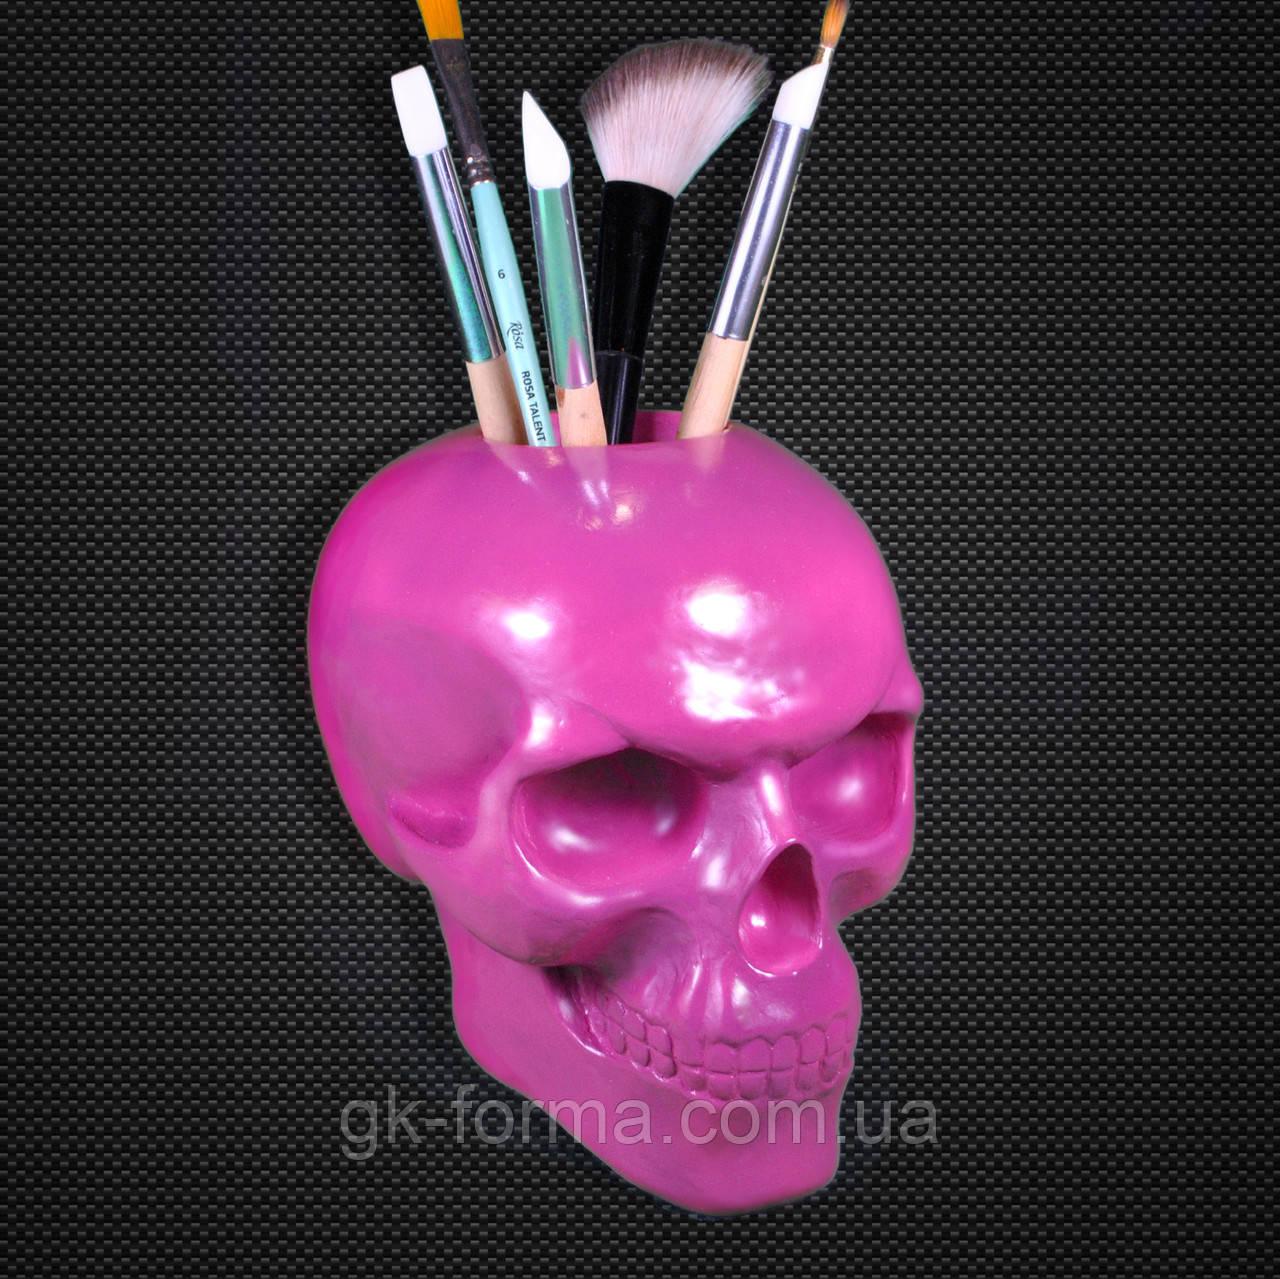 Розовый череп из гипса с отверстием.Подставка-органайзер для кистей и карандашей